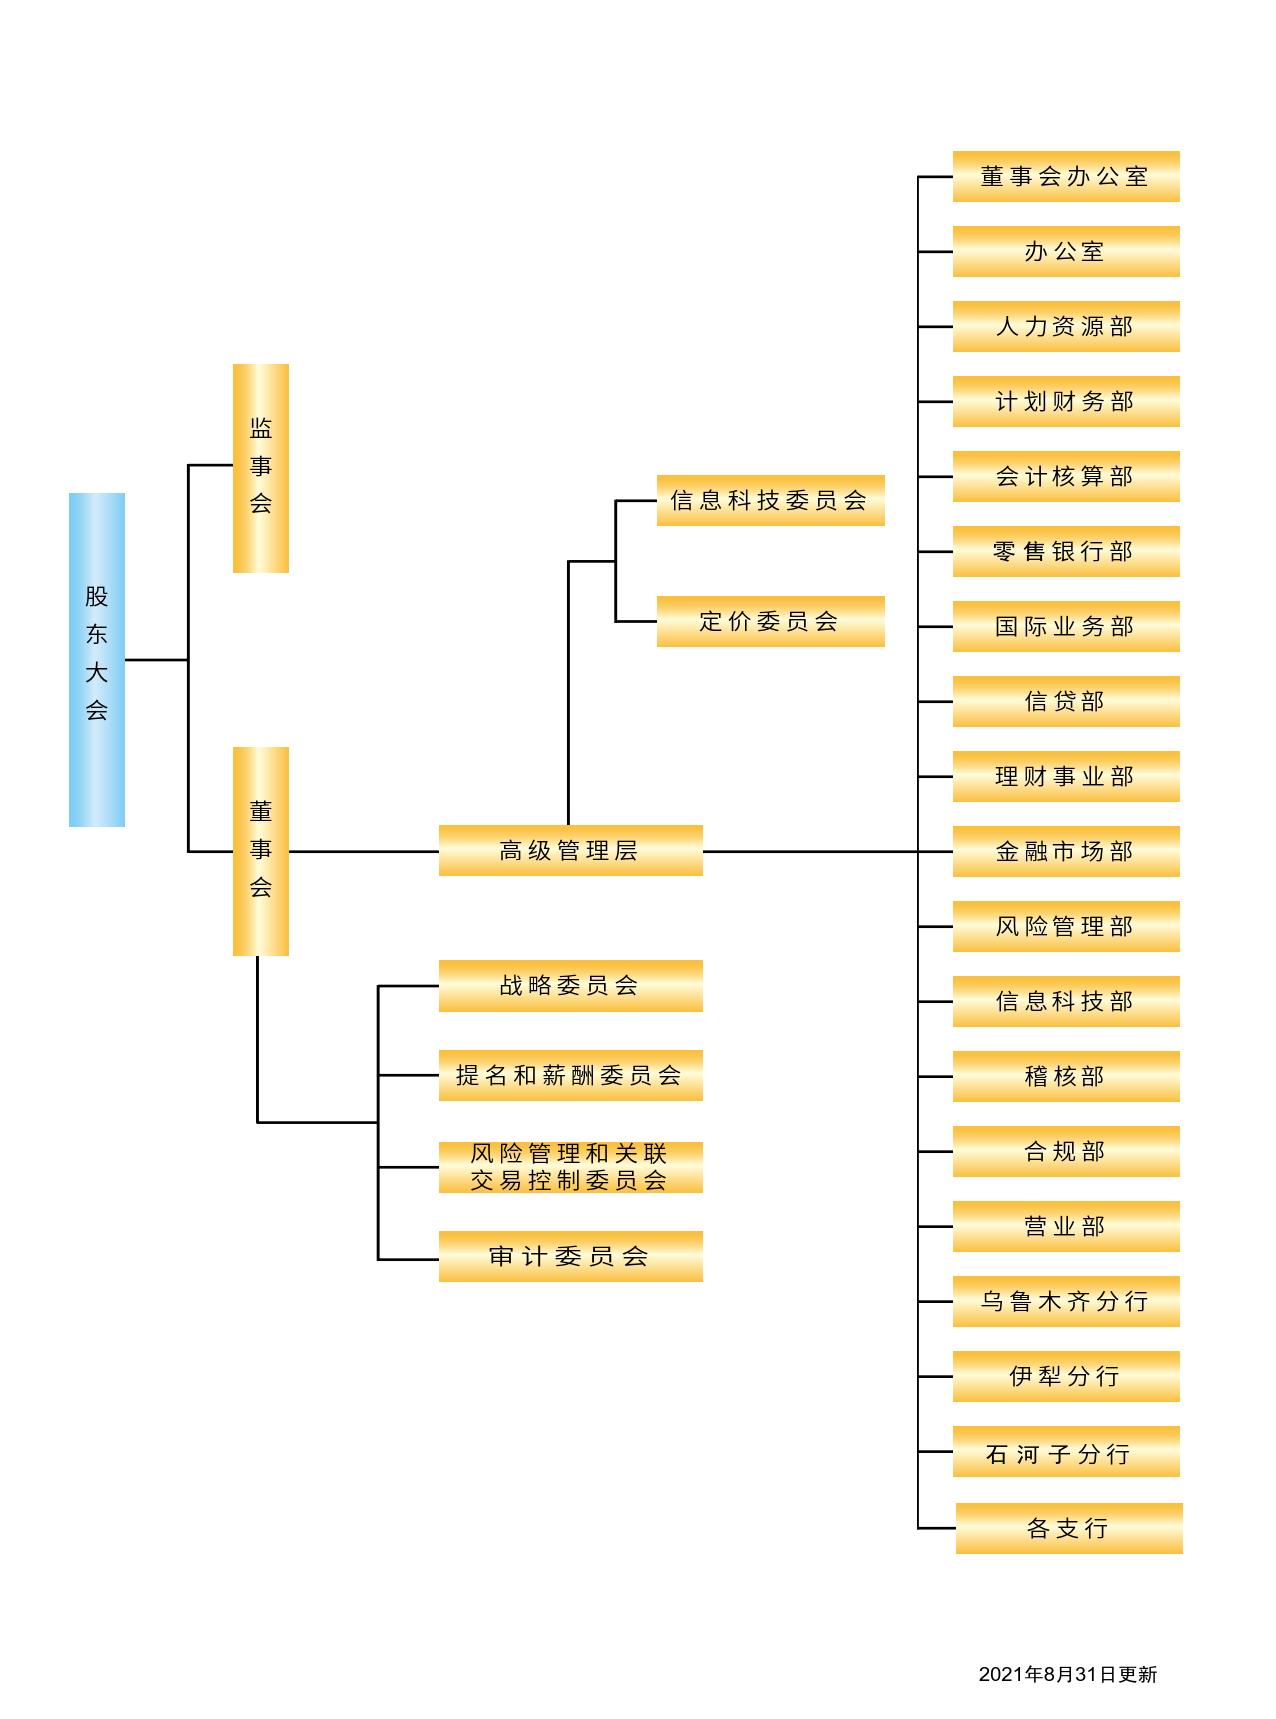 组织架构图2021(2).png